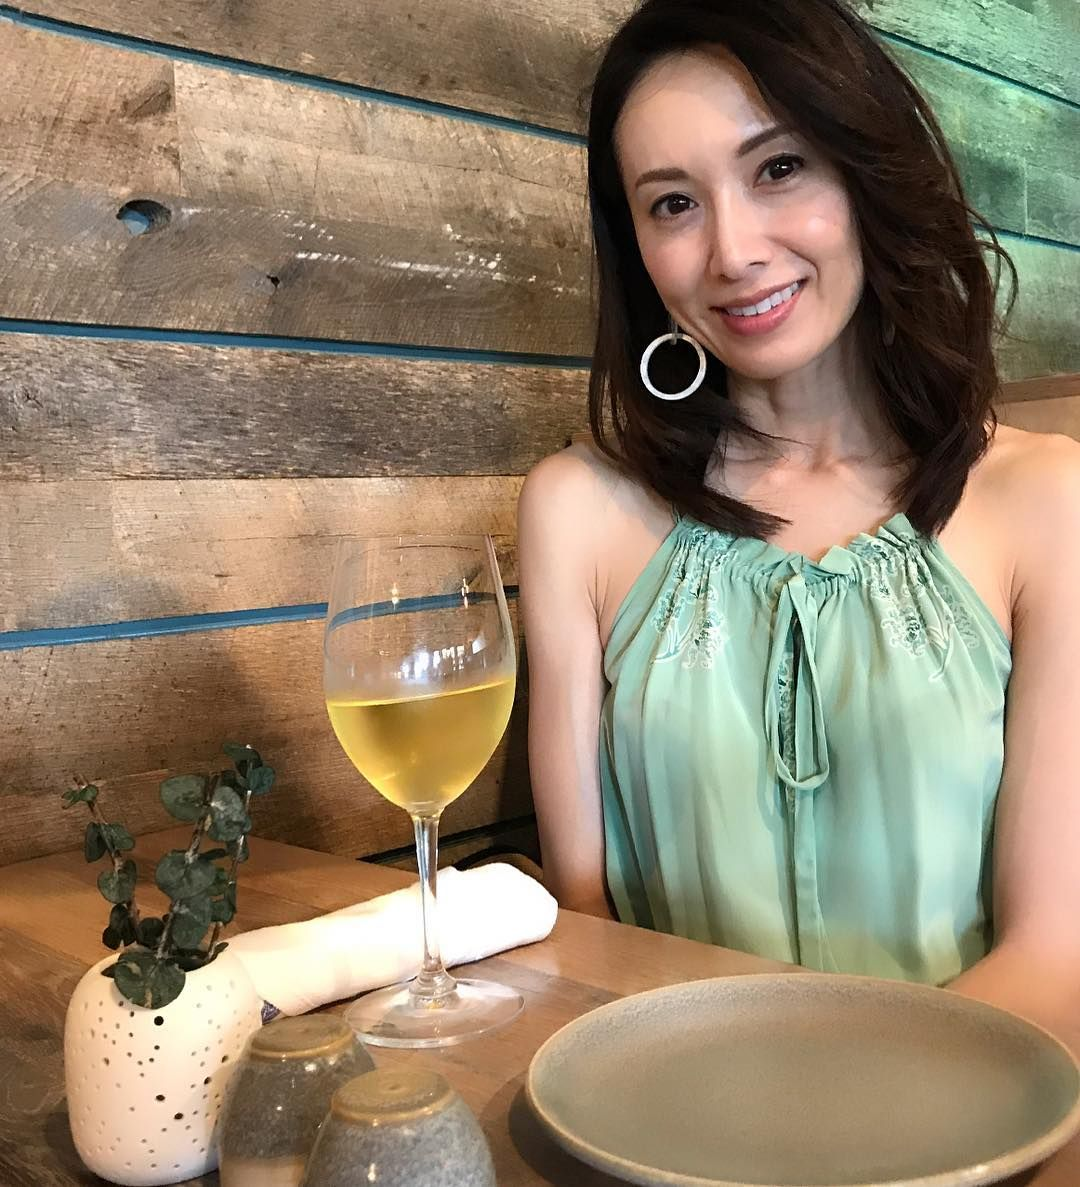 駒田奈美 水着 下着 ナイトプール   女性 体型、モデル、ナイトプール